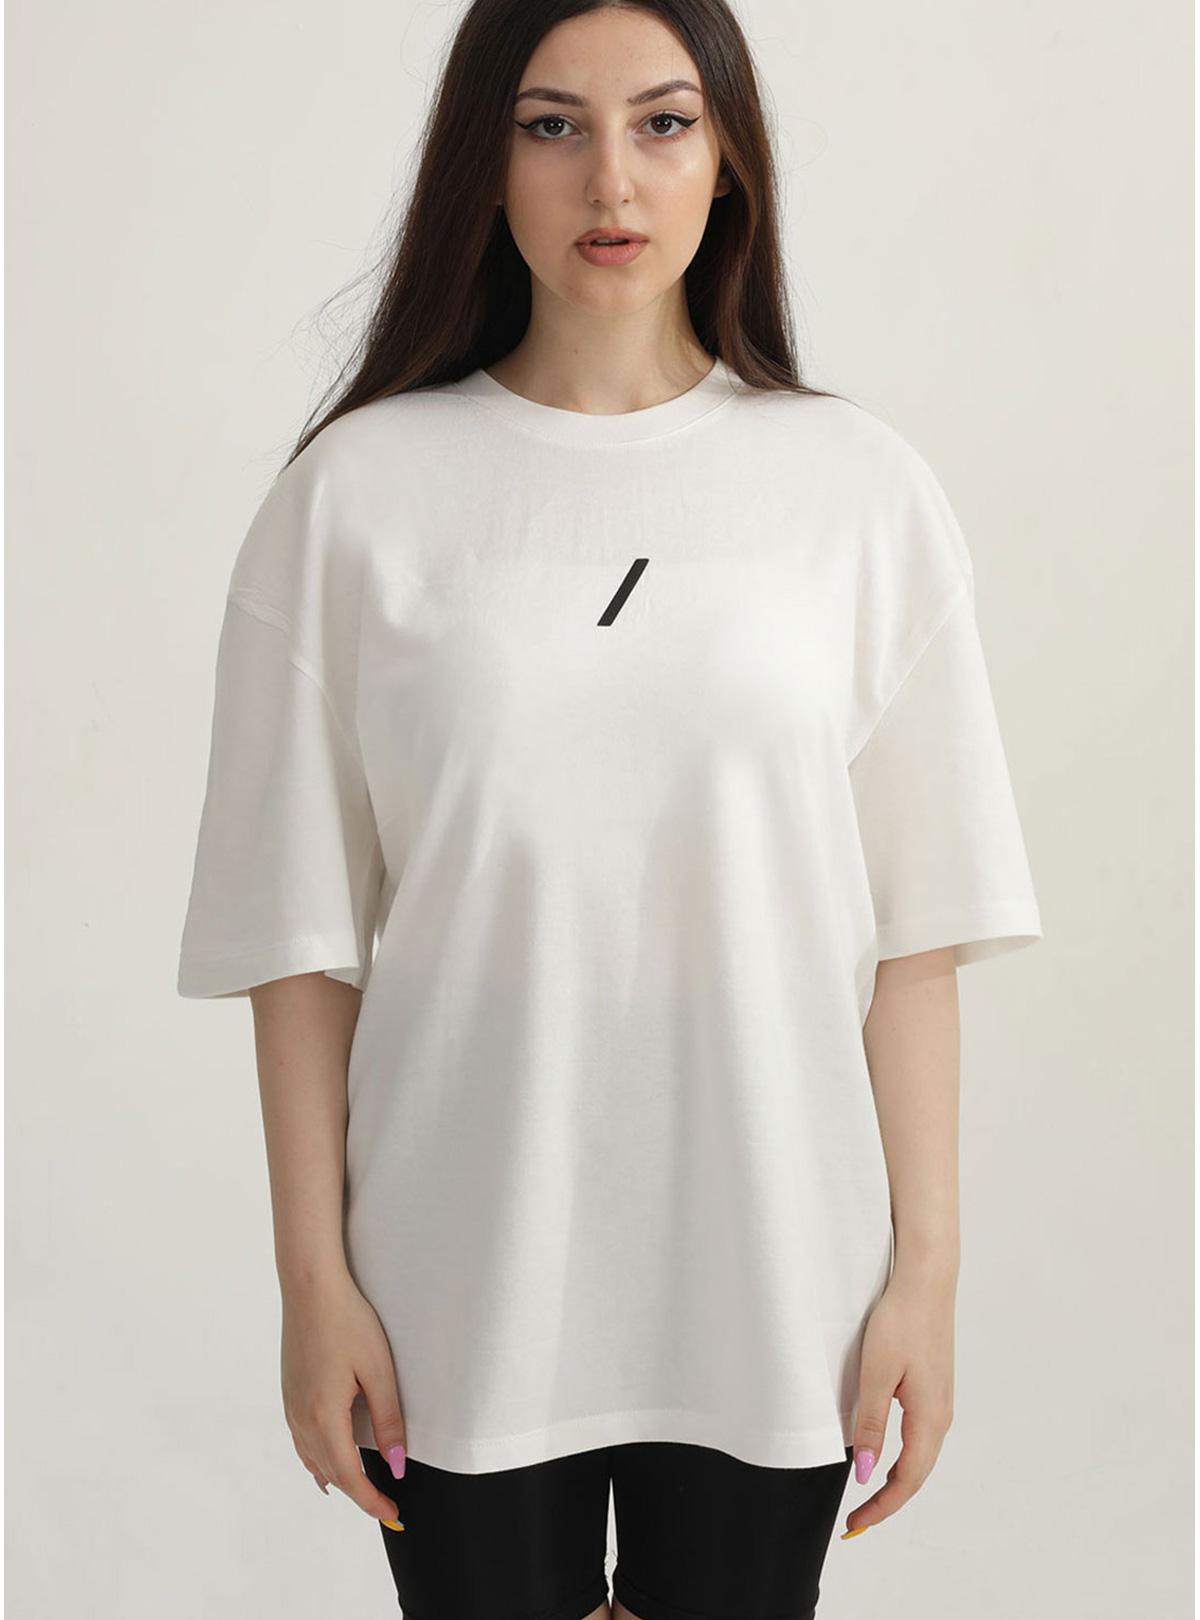 Yaşam Çiçeği Özel Koleksiyon Kadın - Oversize Tshirt Beyaz